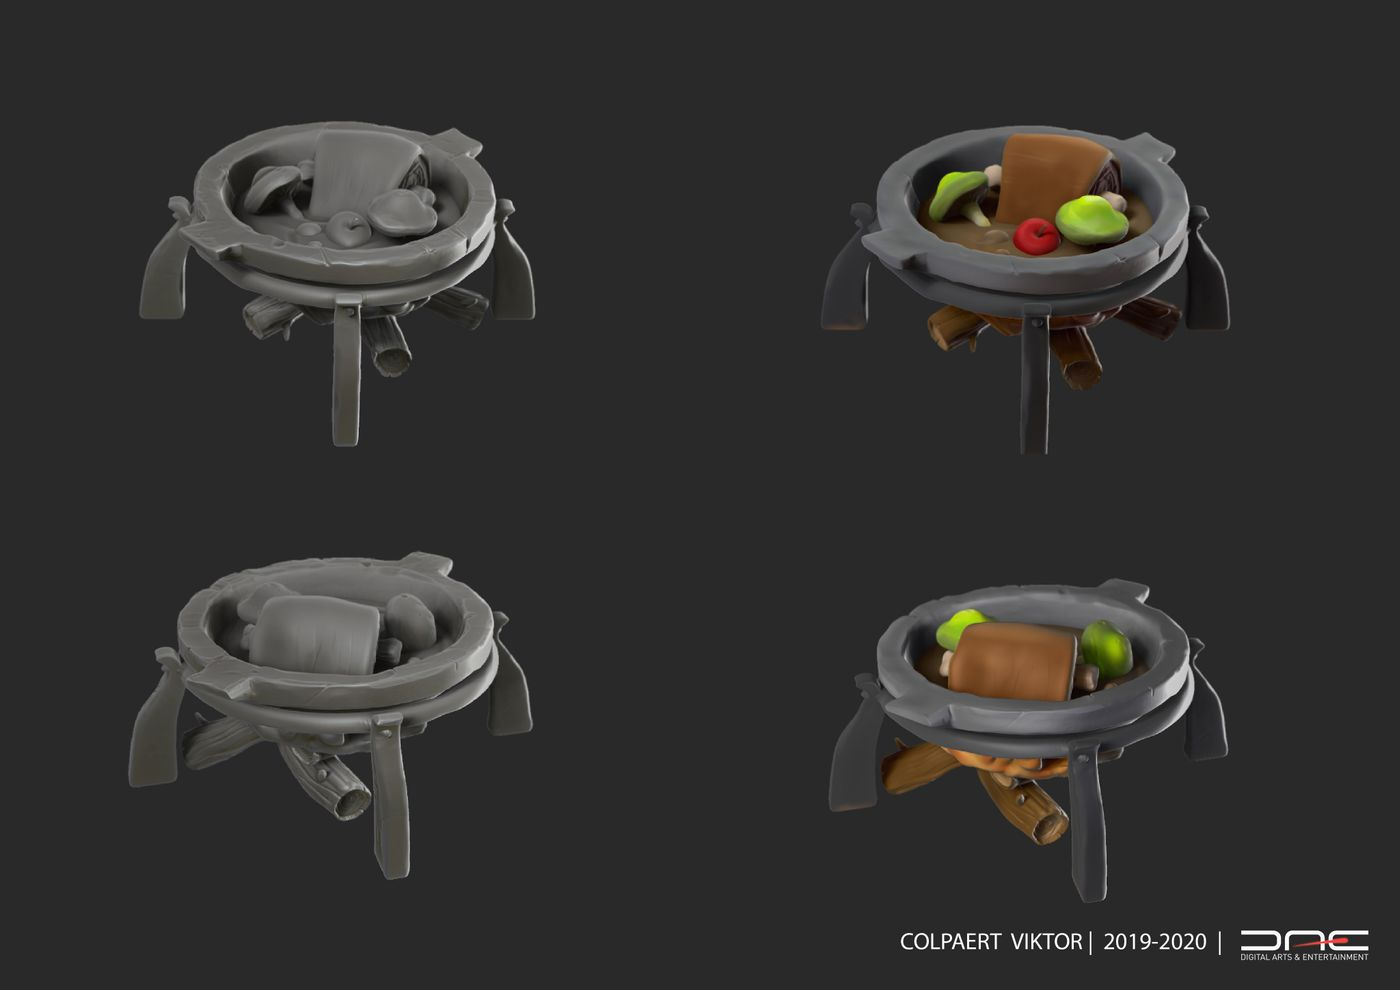 2 Dae03 Colpaert Viktor Asset Cooking Pot Viktorcolpaert